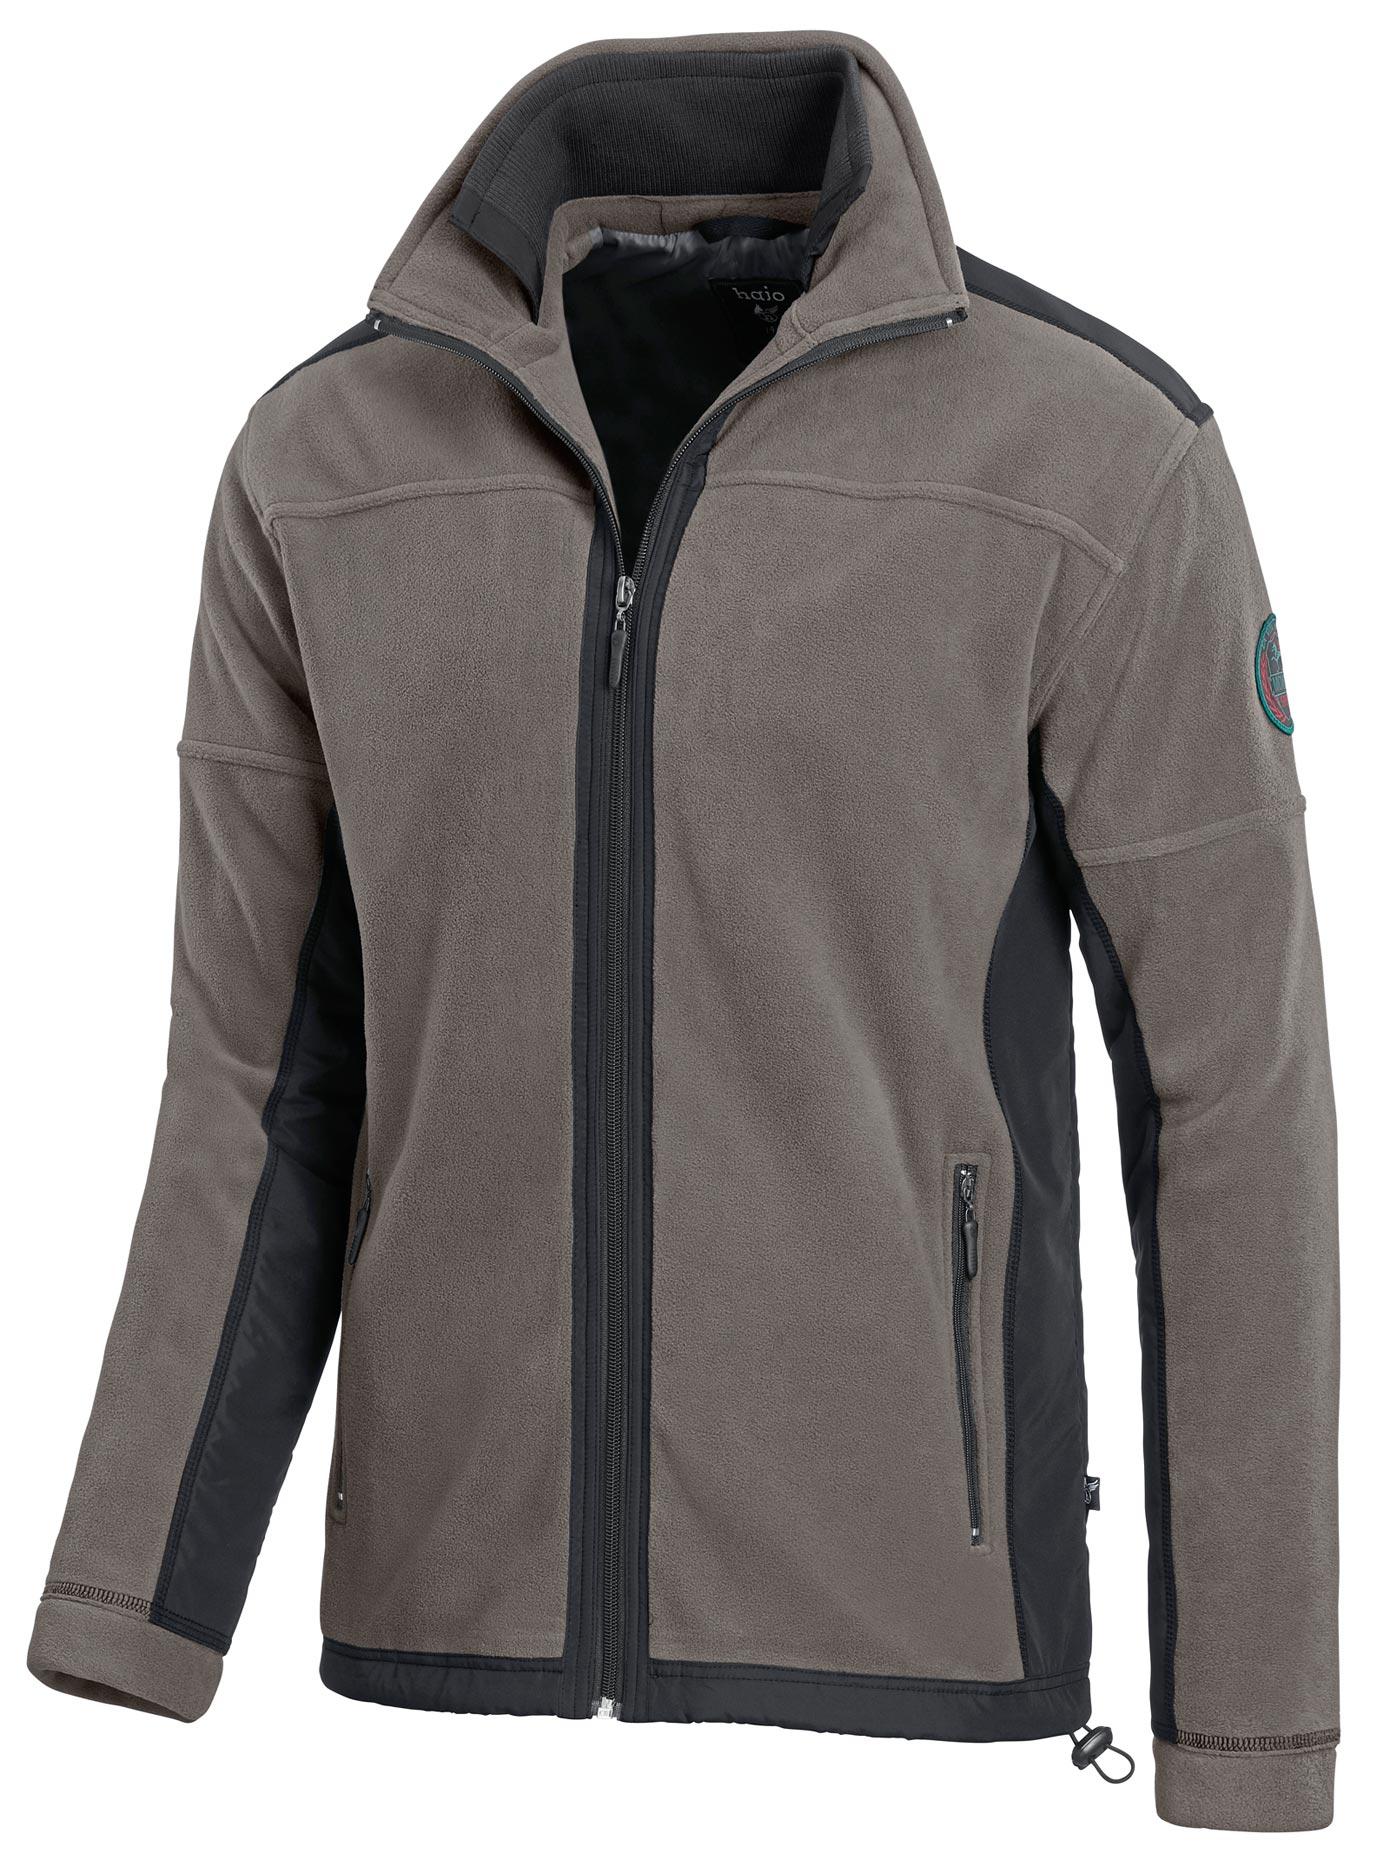 Hajo Fleece-Jacke mit doppeltem Kragen | Bekleidung > Jacken > Fleecejacken | Grau | Hajo